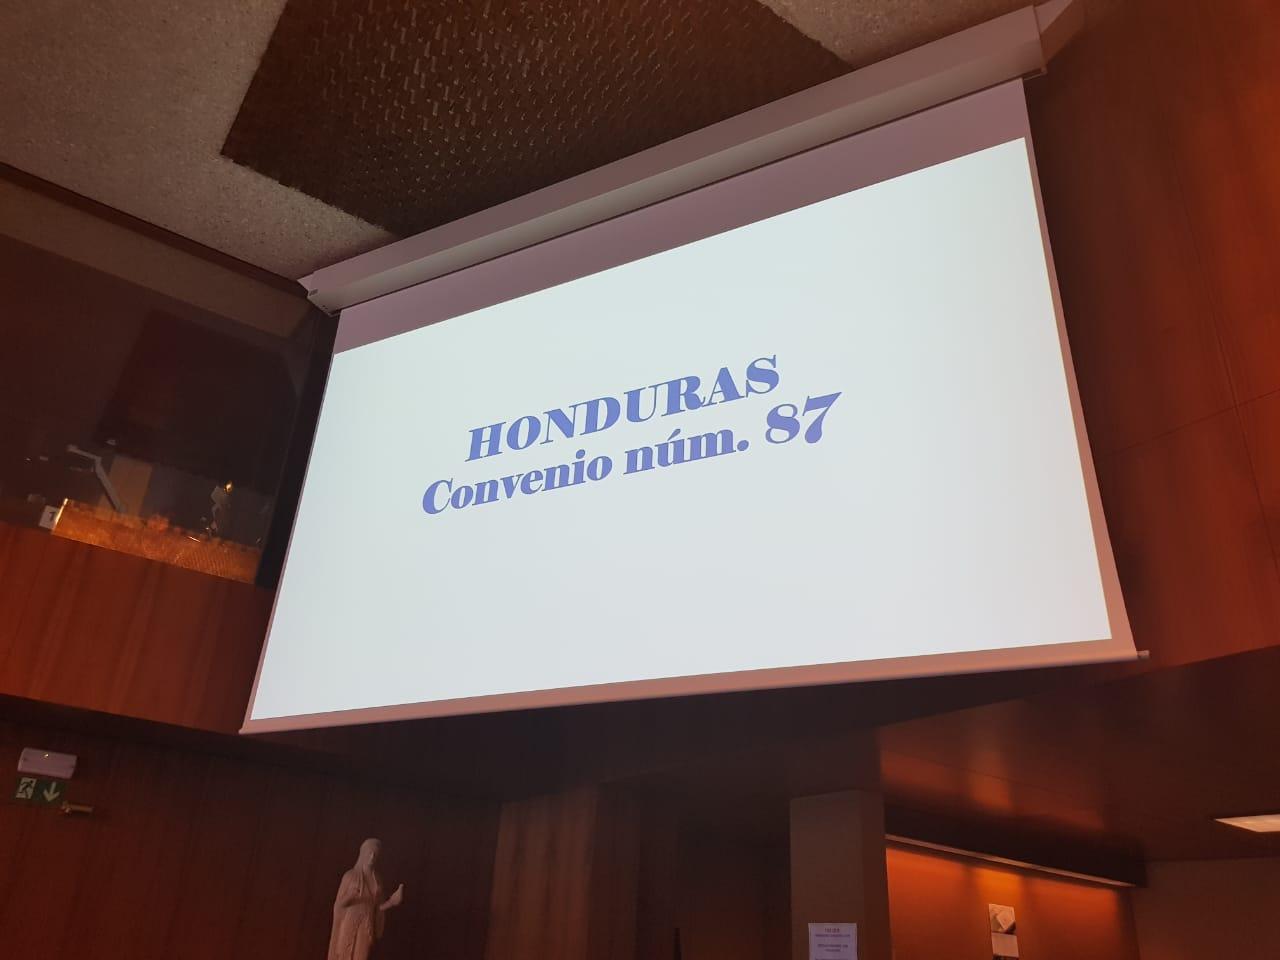 Honduras, nuevamente señalada por la OIT, por violaciones laborales y los derechos humanos